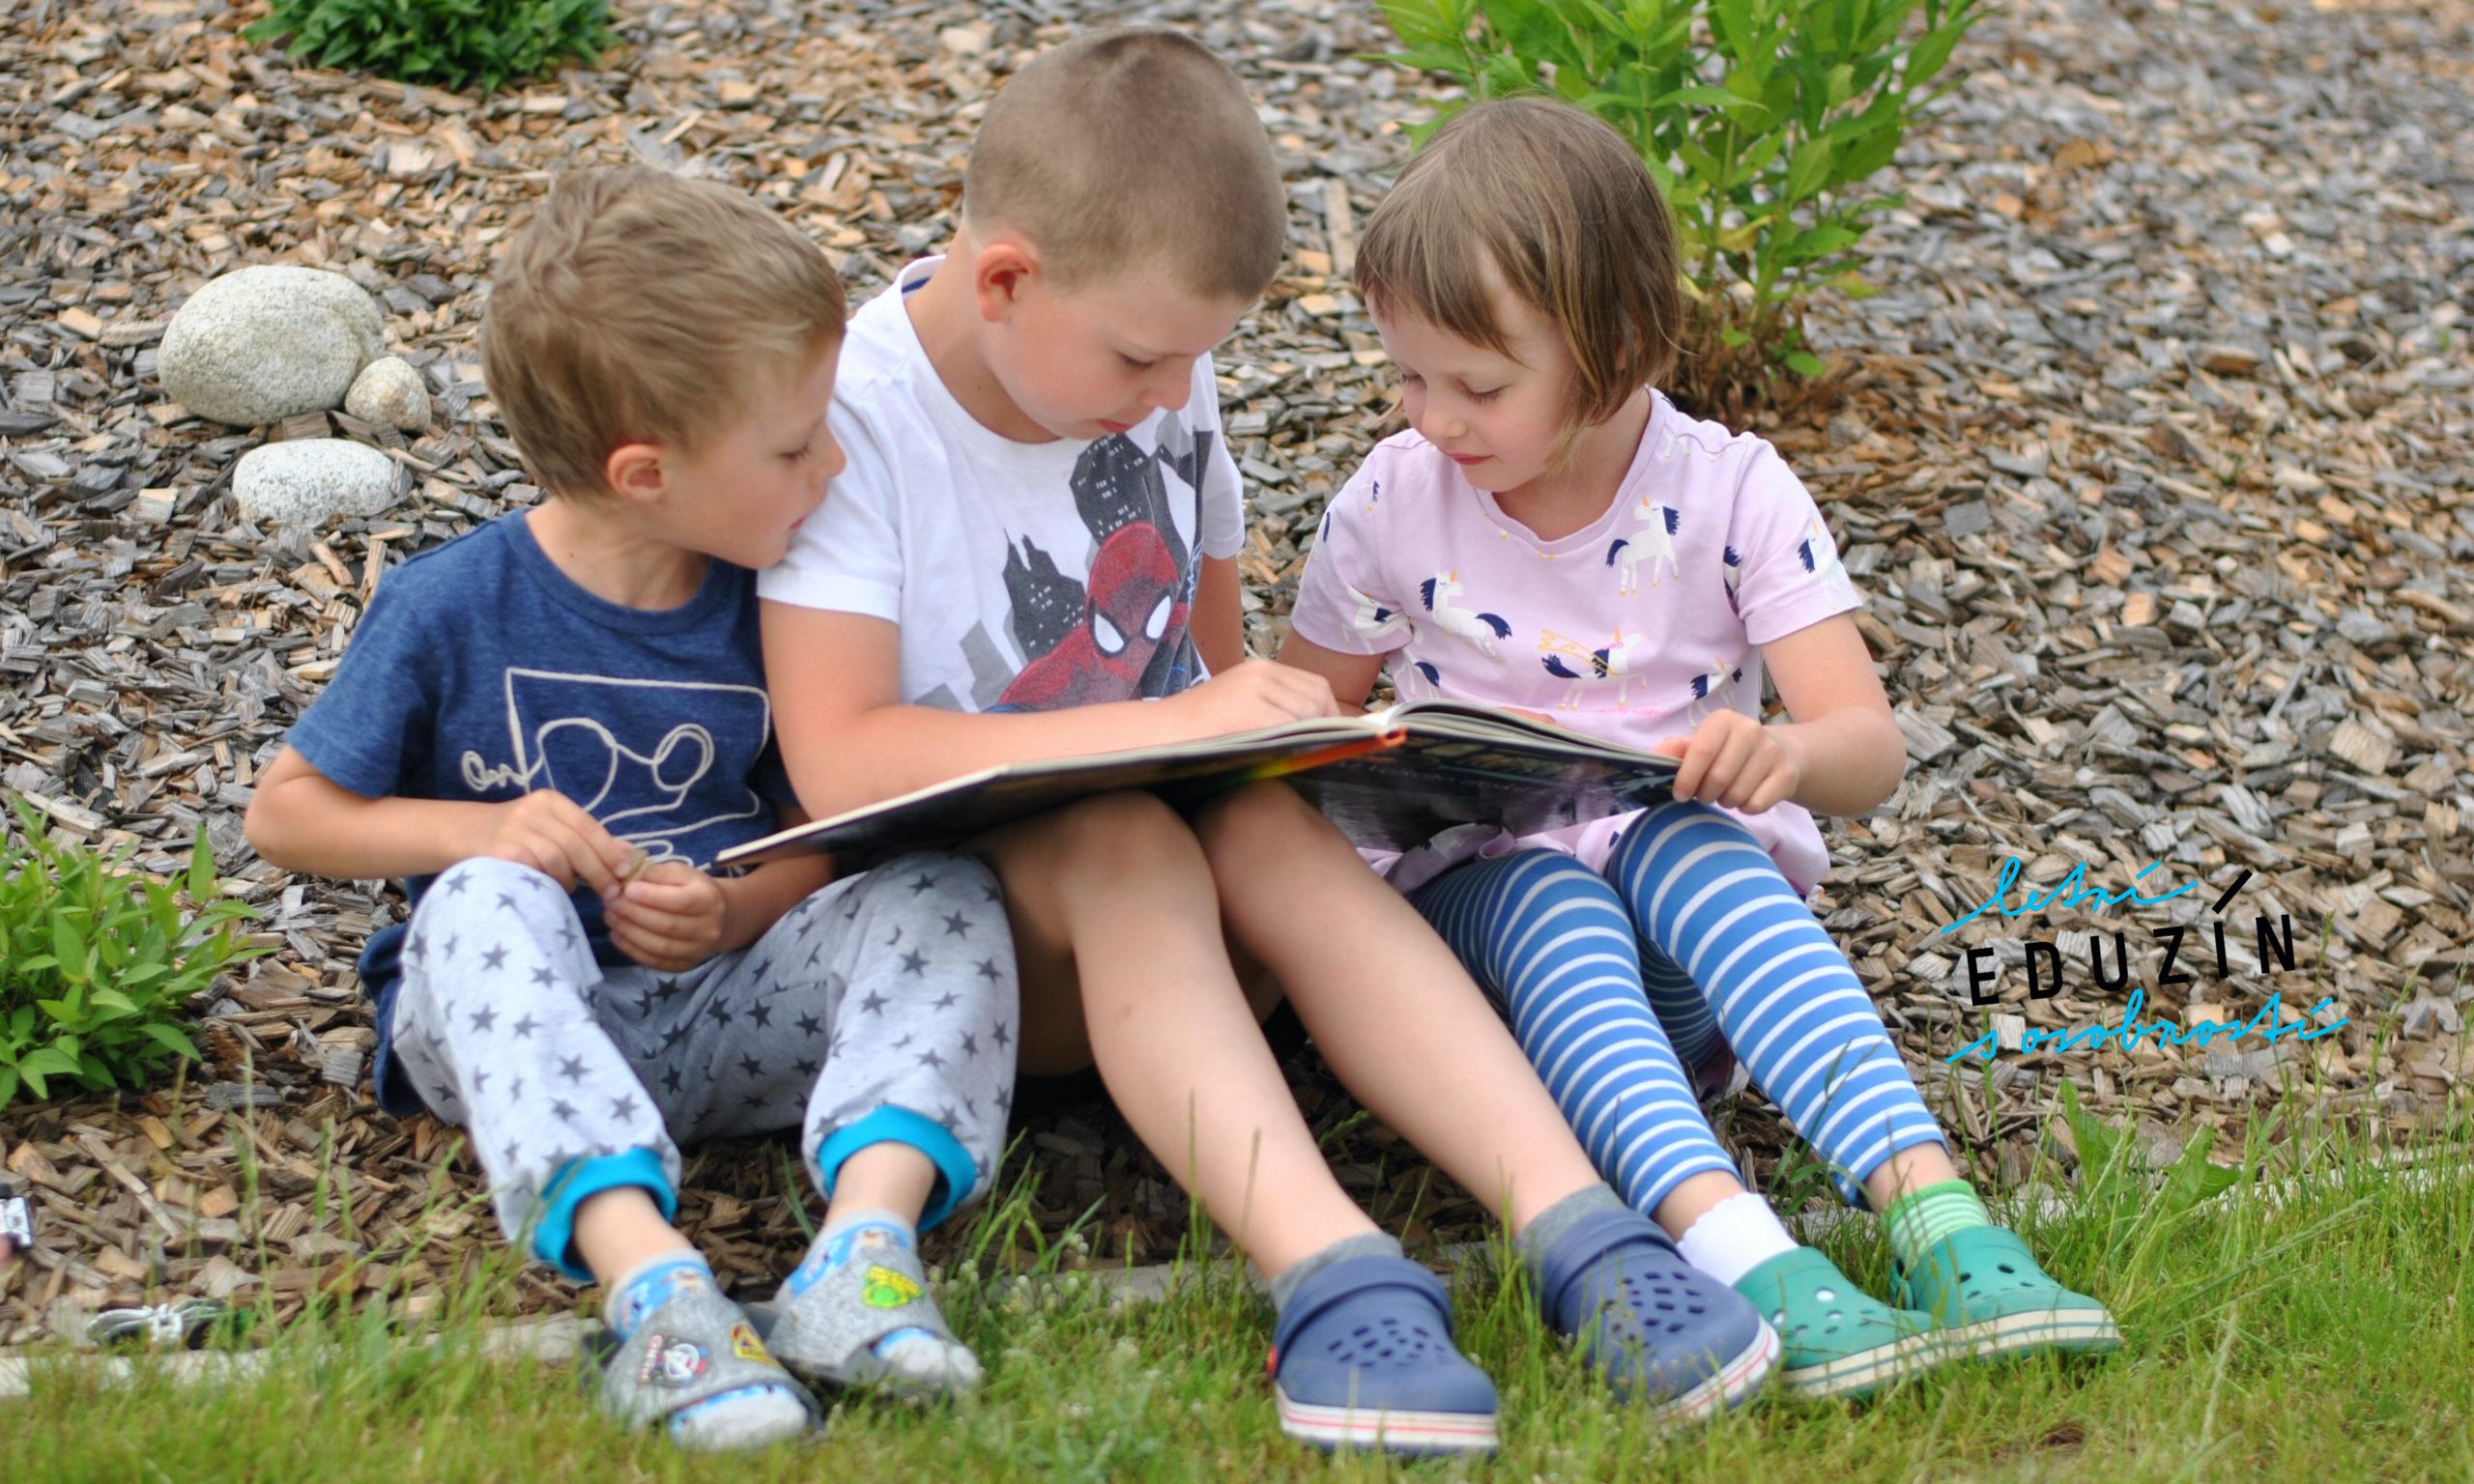 Stačí 4-6 přečtených knih za léto, aby hlava nezapomněla, jak přijímat informace ze čteného (či předčítaného) textu.